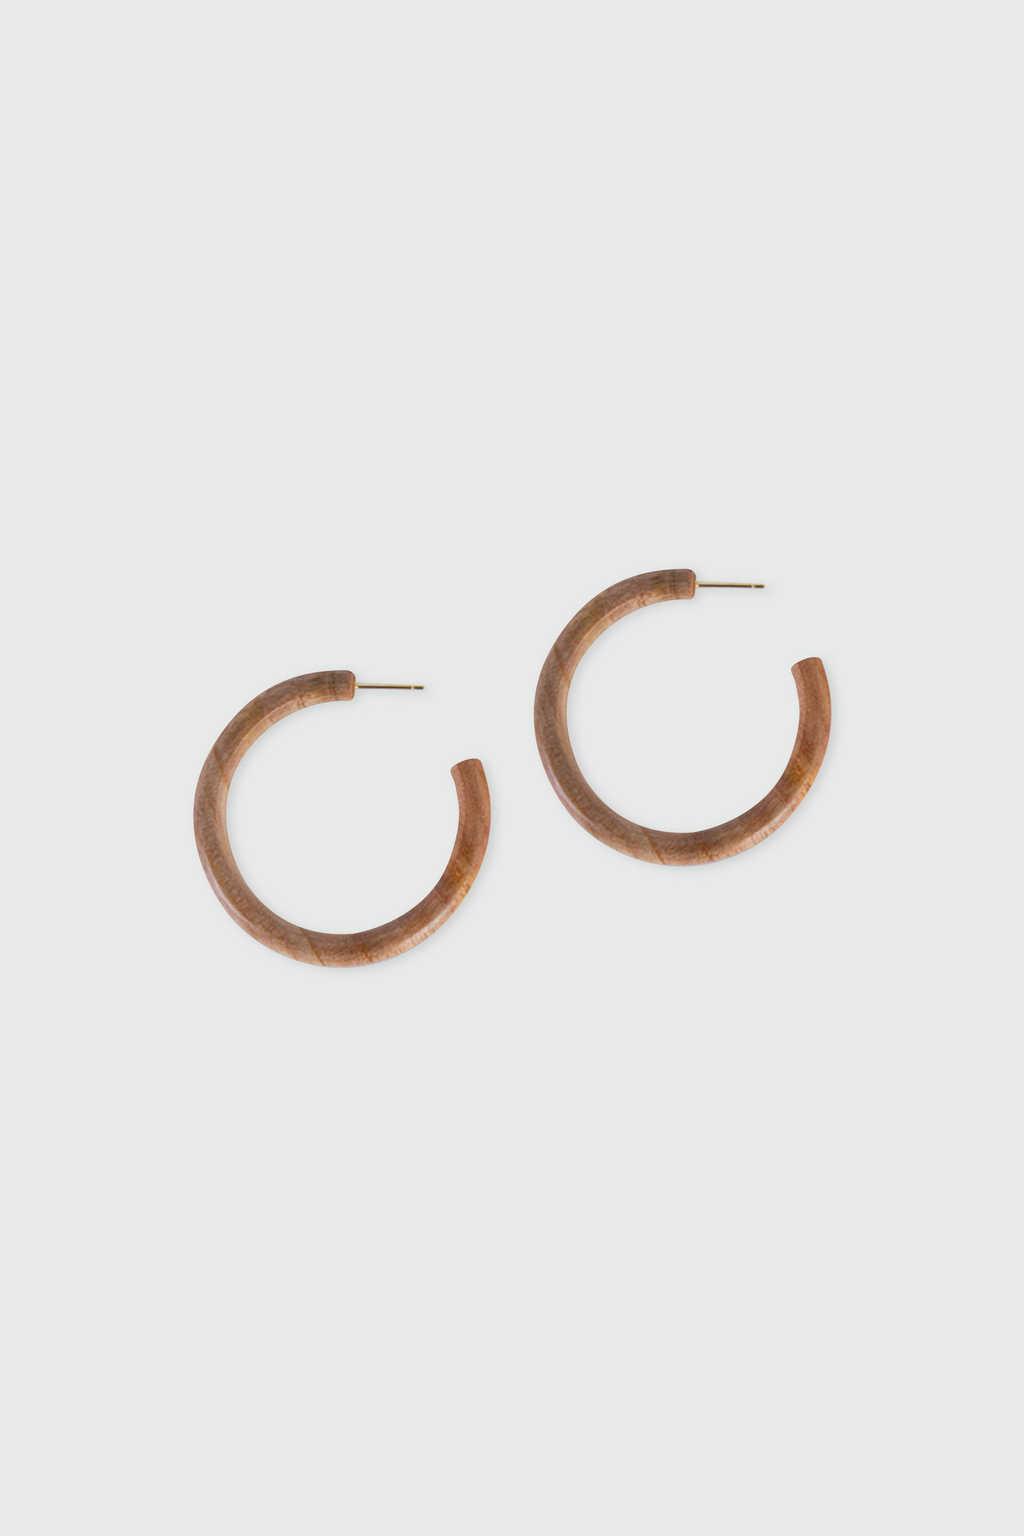 Earring H016 Brown 3